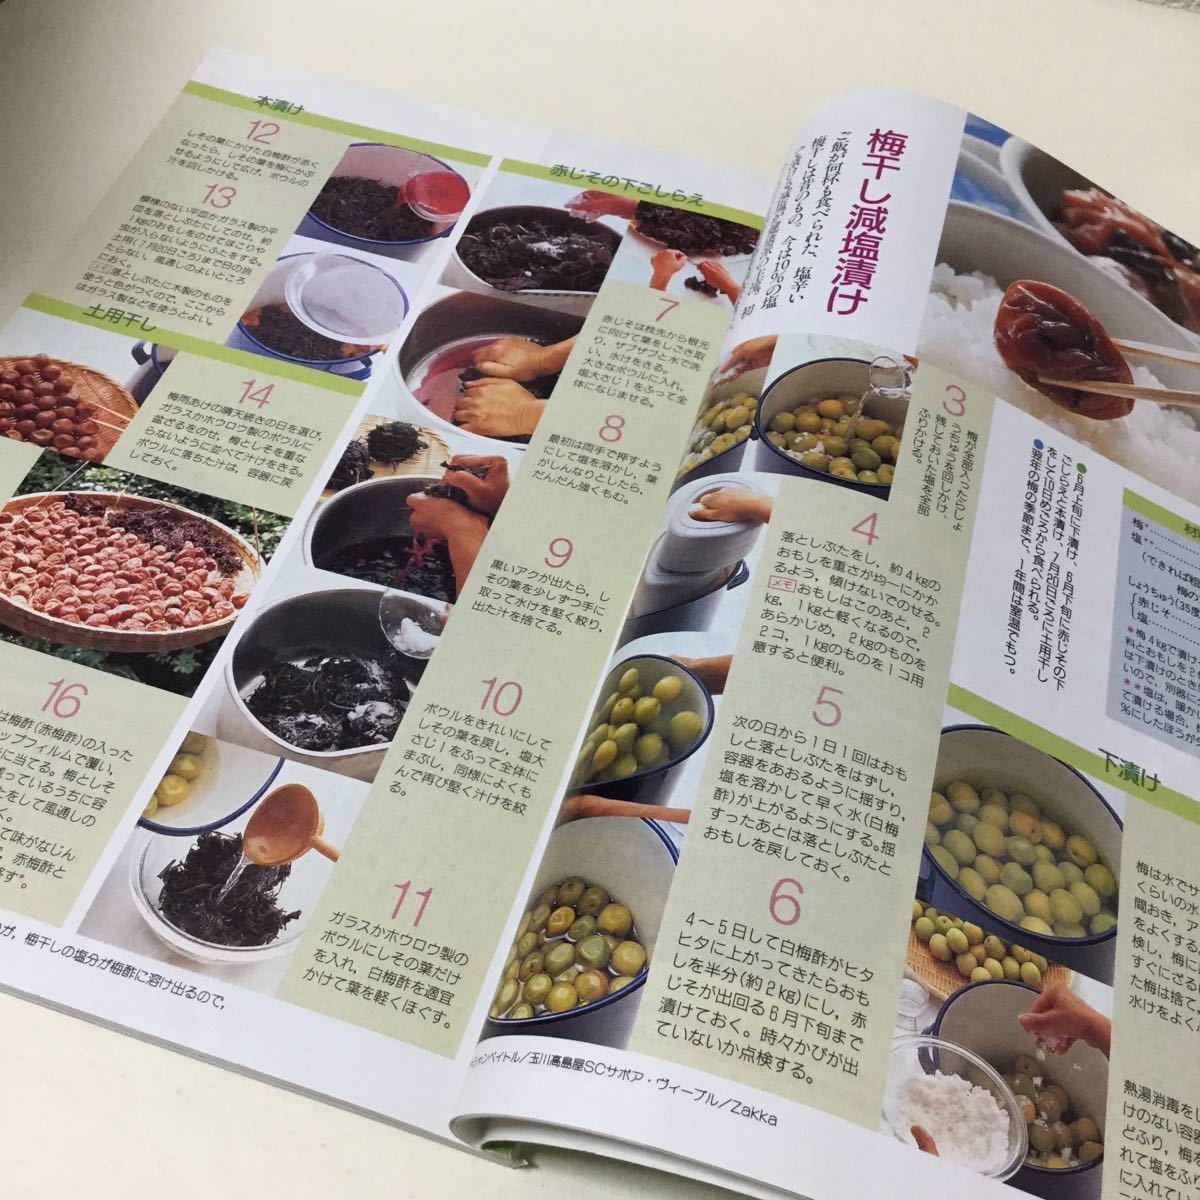 31 NHKきょうの料理 1991年6月号 料理本 料理 クッキング 弁当 夜ご飯 お弁当 おかず 作り置き レシピ レシピ本 漬物 和食 _画像7